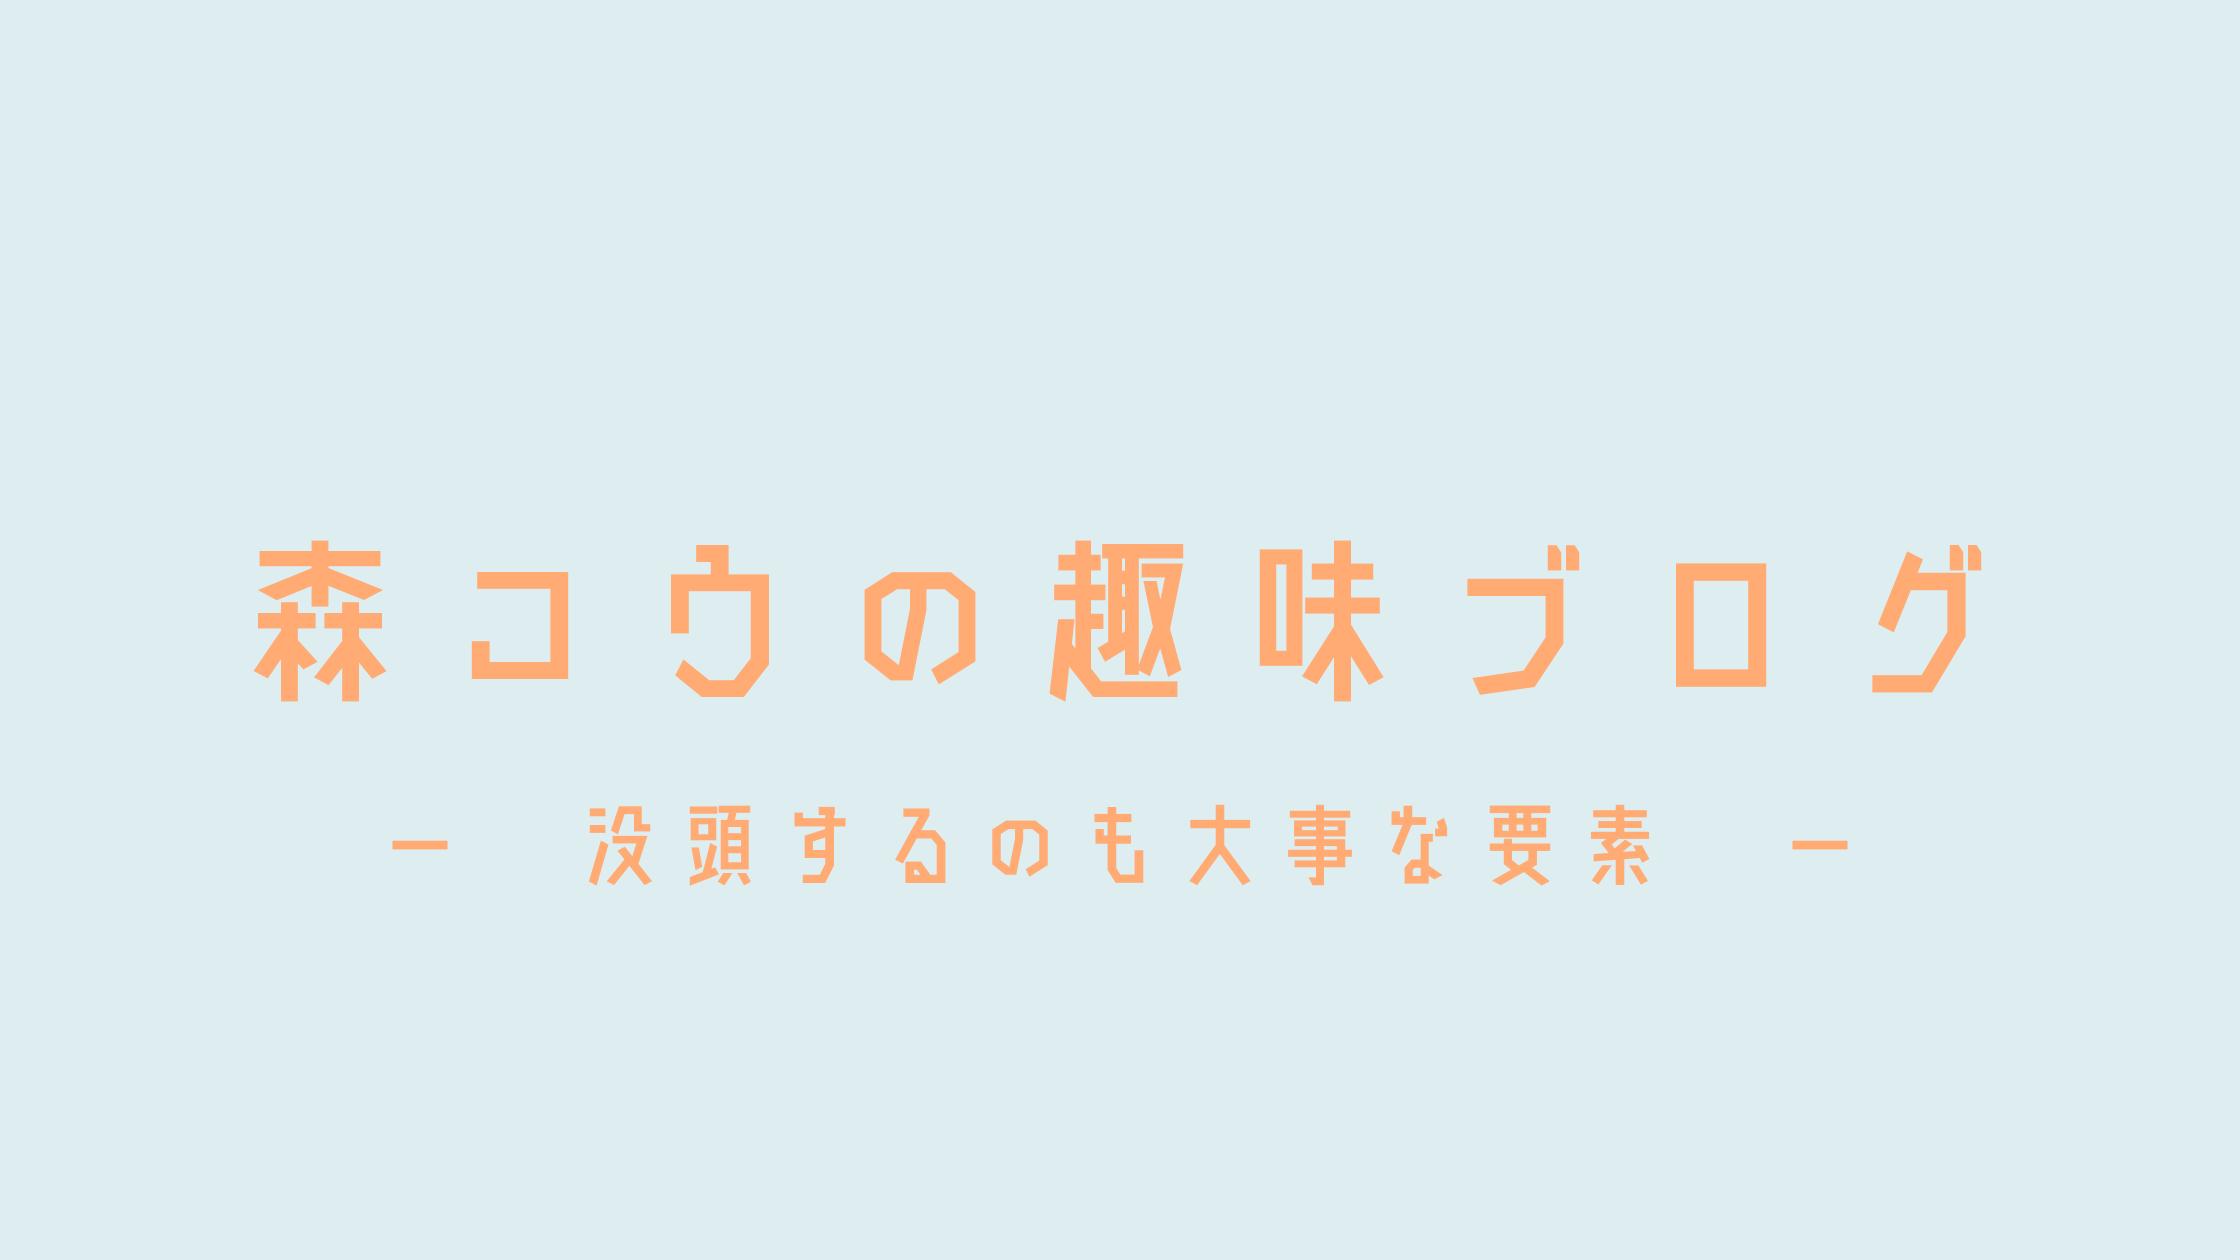 森コウの趣味ブログののロゴ画像